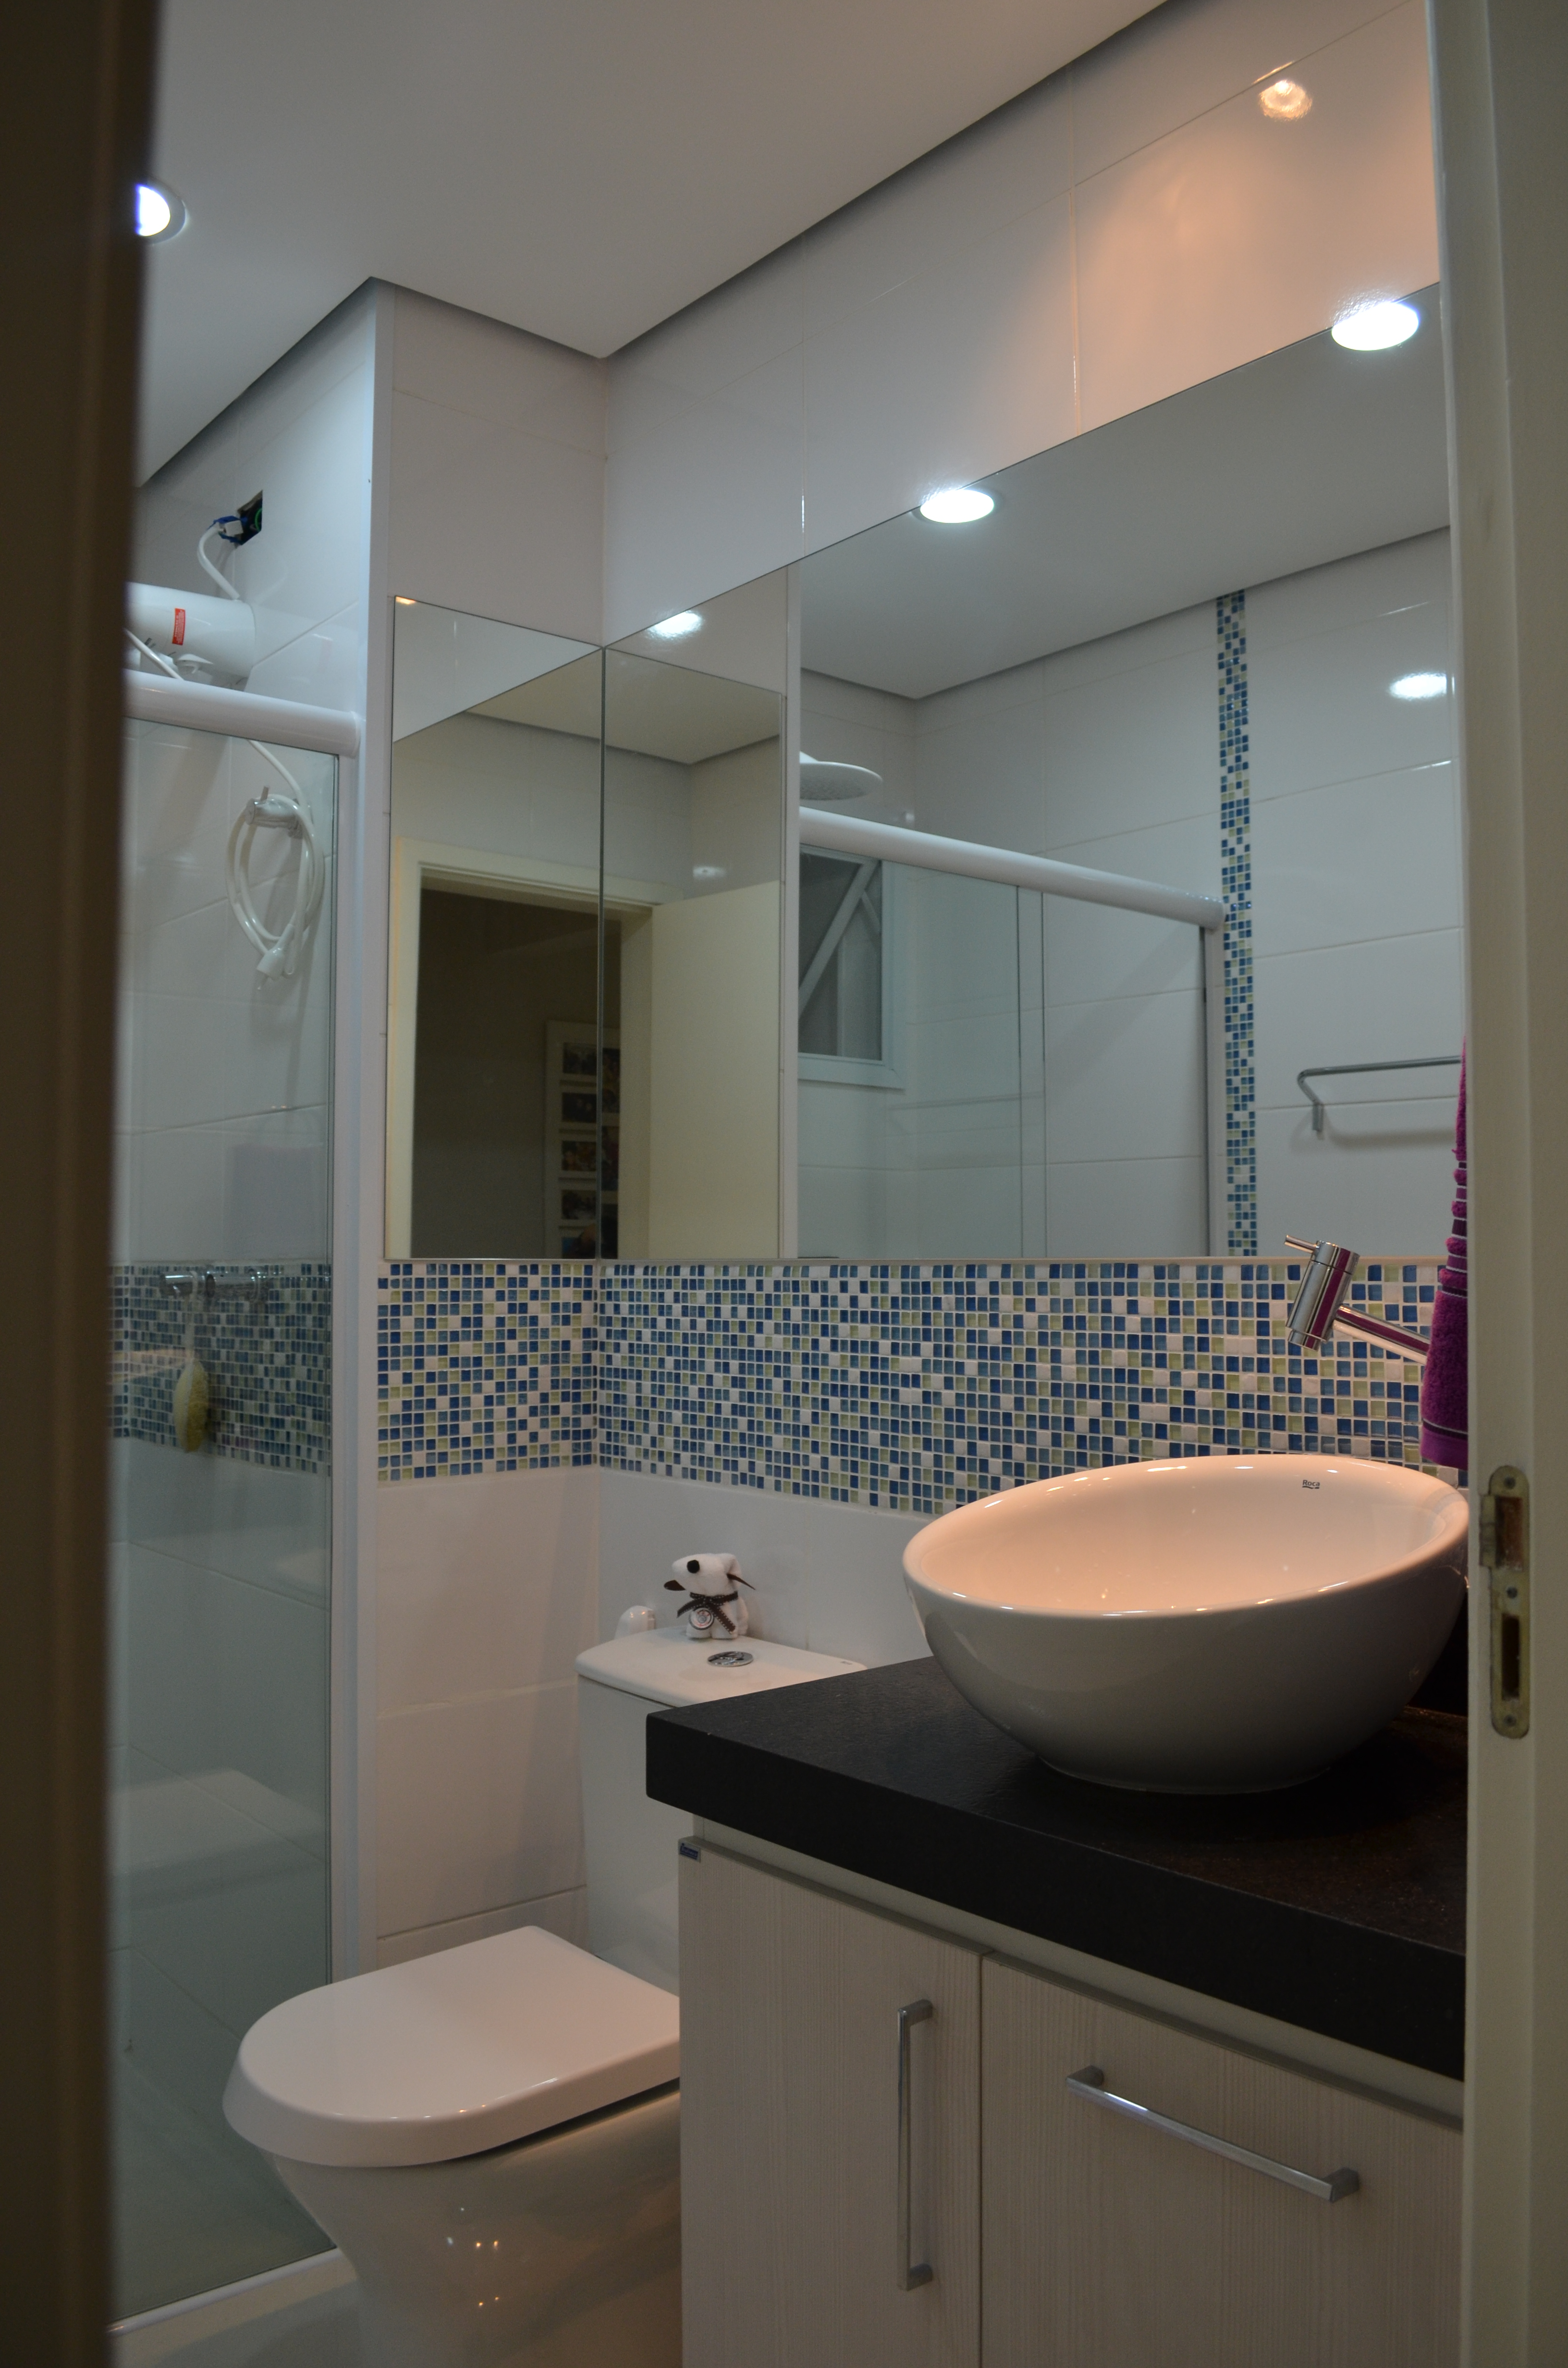 de interiores – reforma do banheiro apartamento em Mogi das Cruzes #865E45 3264 4928